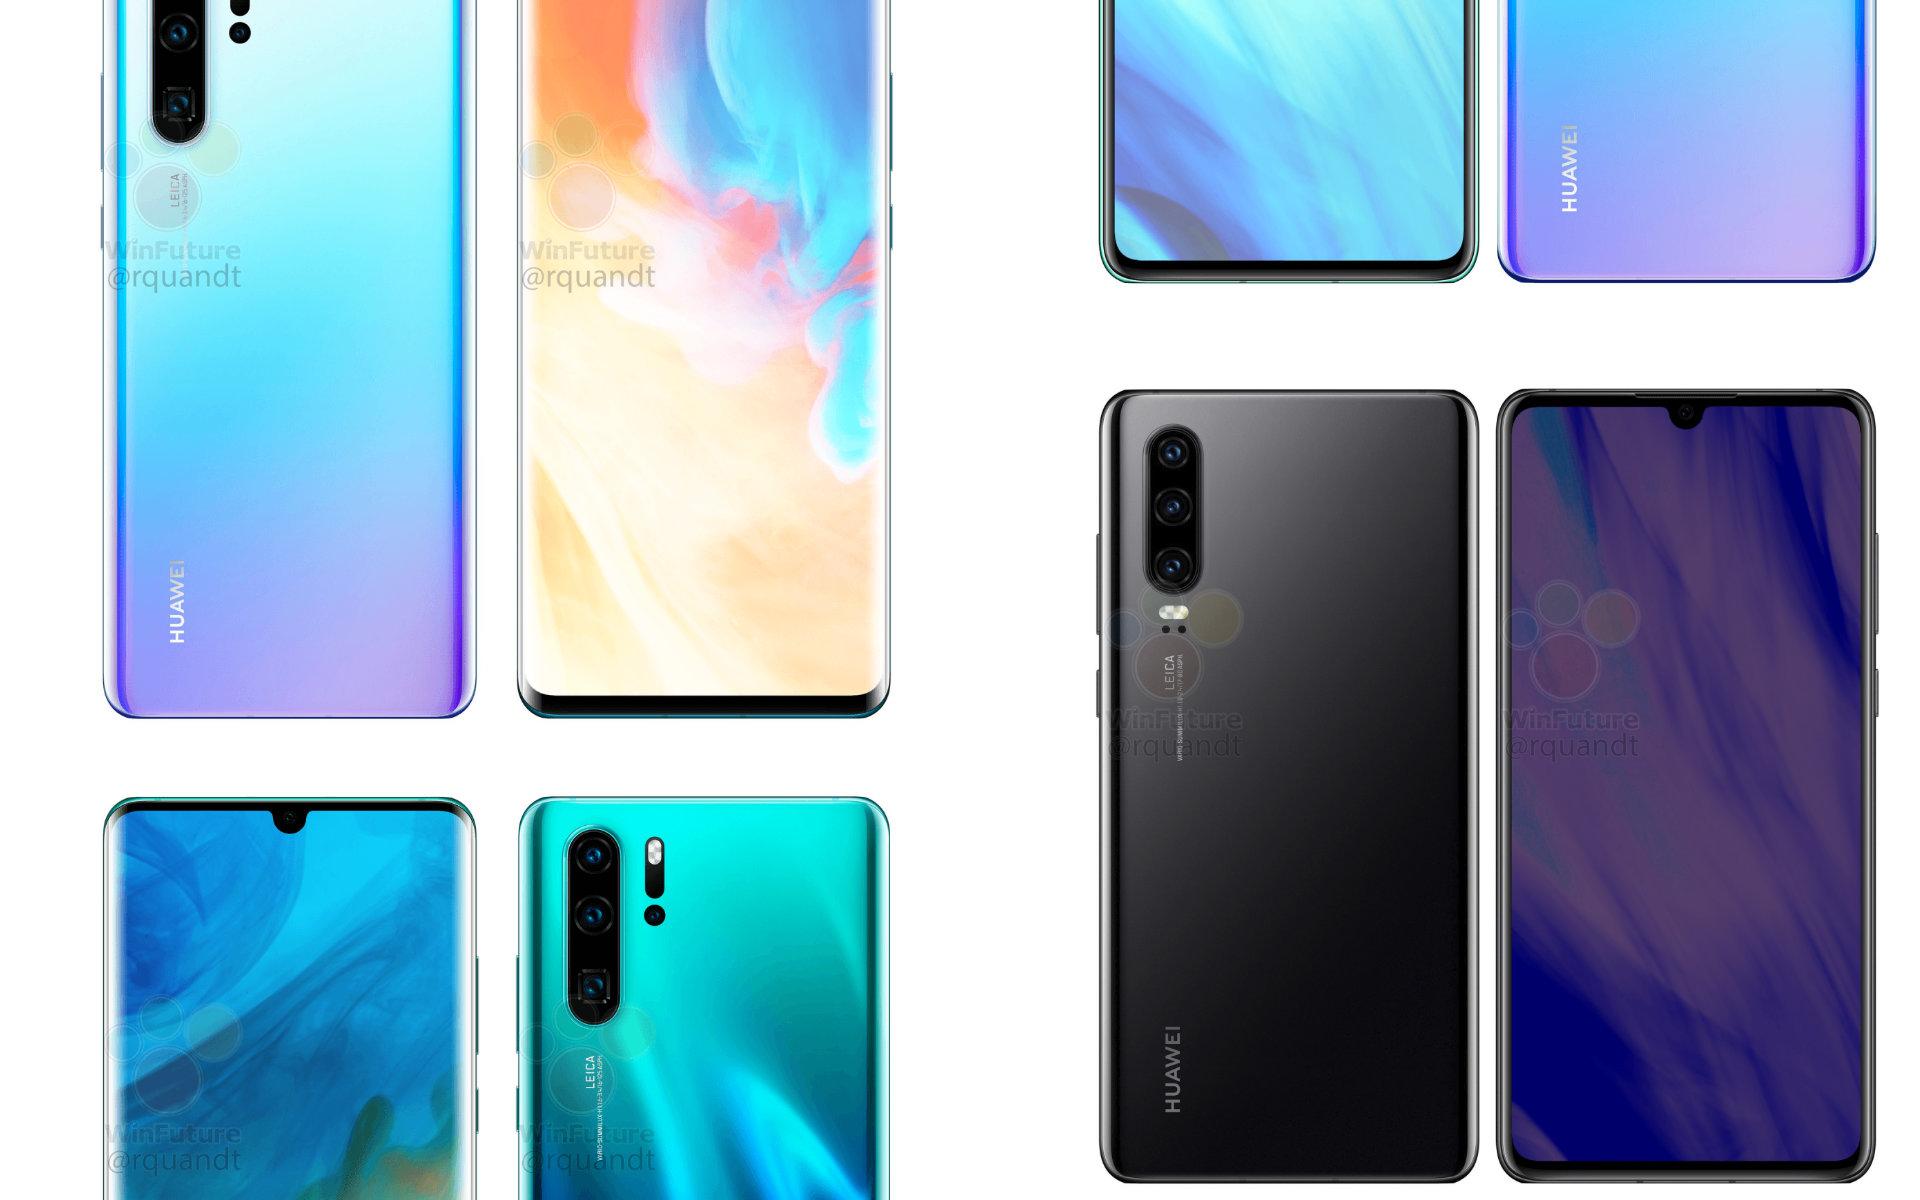 3 actualités qui ont marqué la semaine : prix du Redmi Note 7 en Europe, nouvelle offre Freebox Revolution et design du Huawei P30 Pro